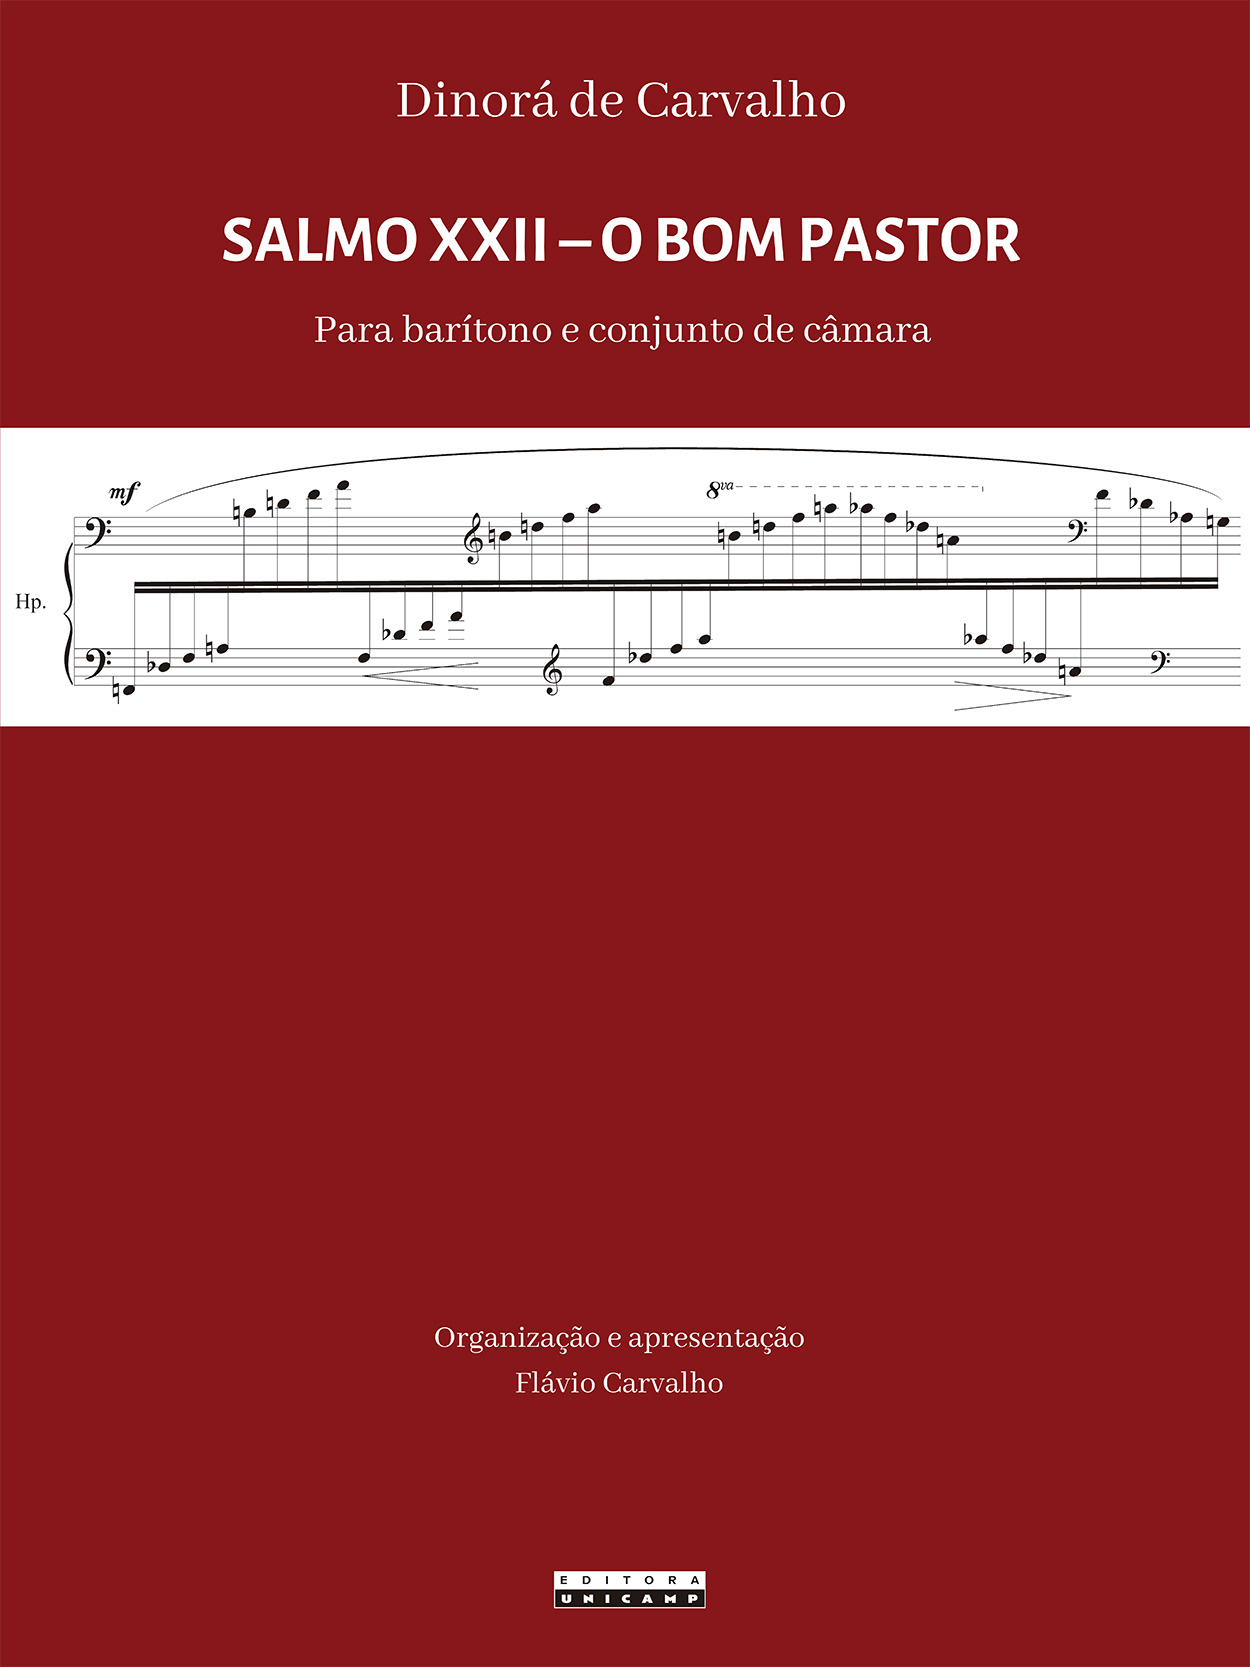 Capa_DINORÁ de Carvalho - Salmo XXII - 21 x 28 cm.indd